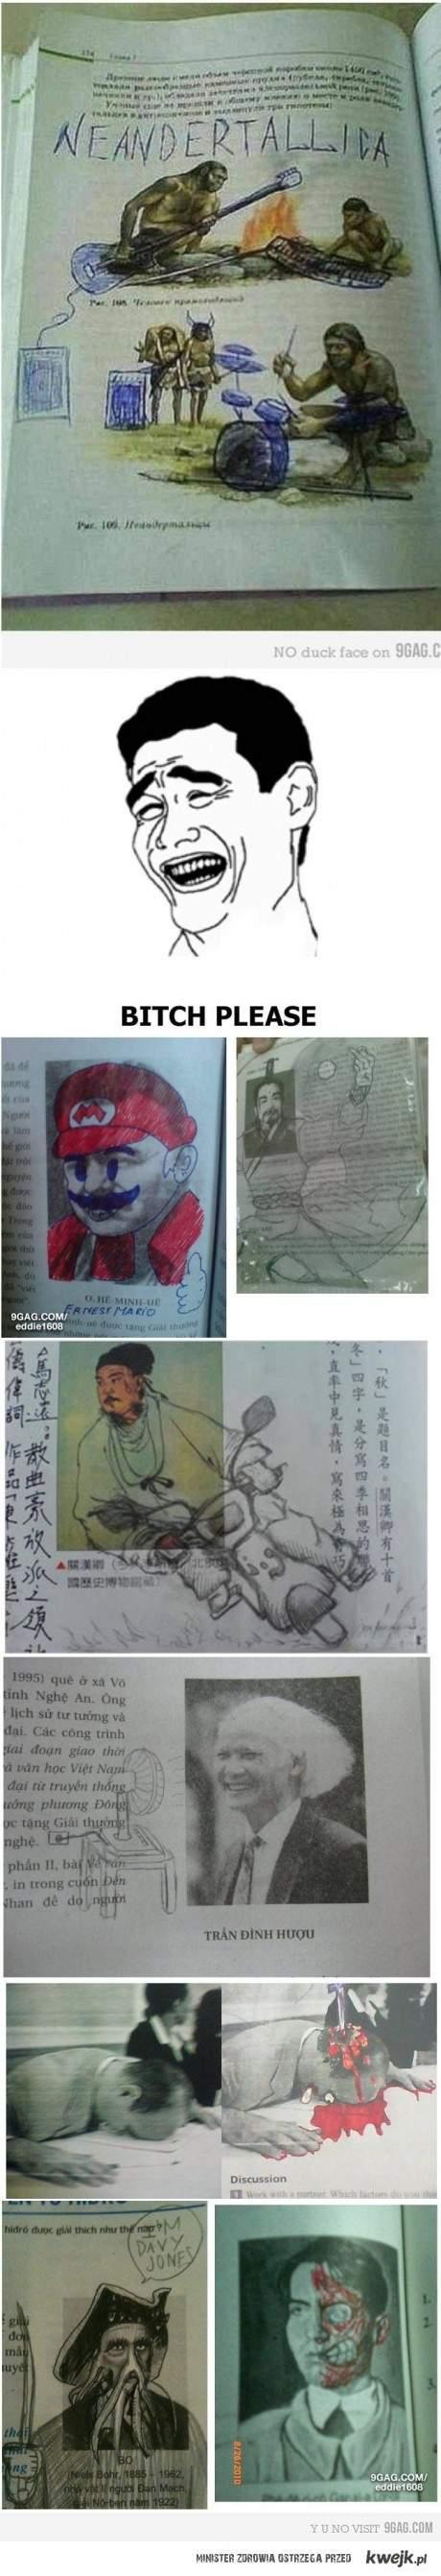 Drawing like a boss